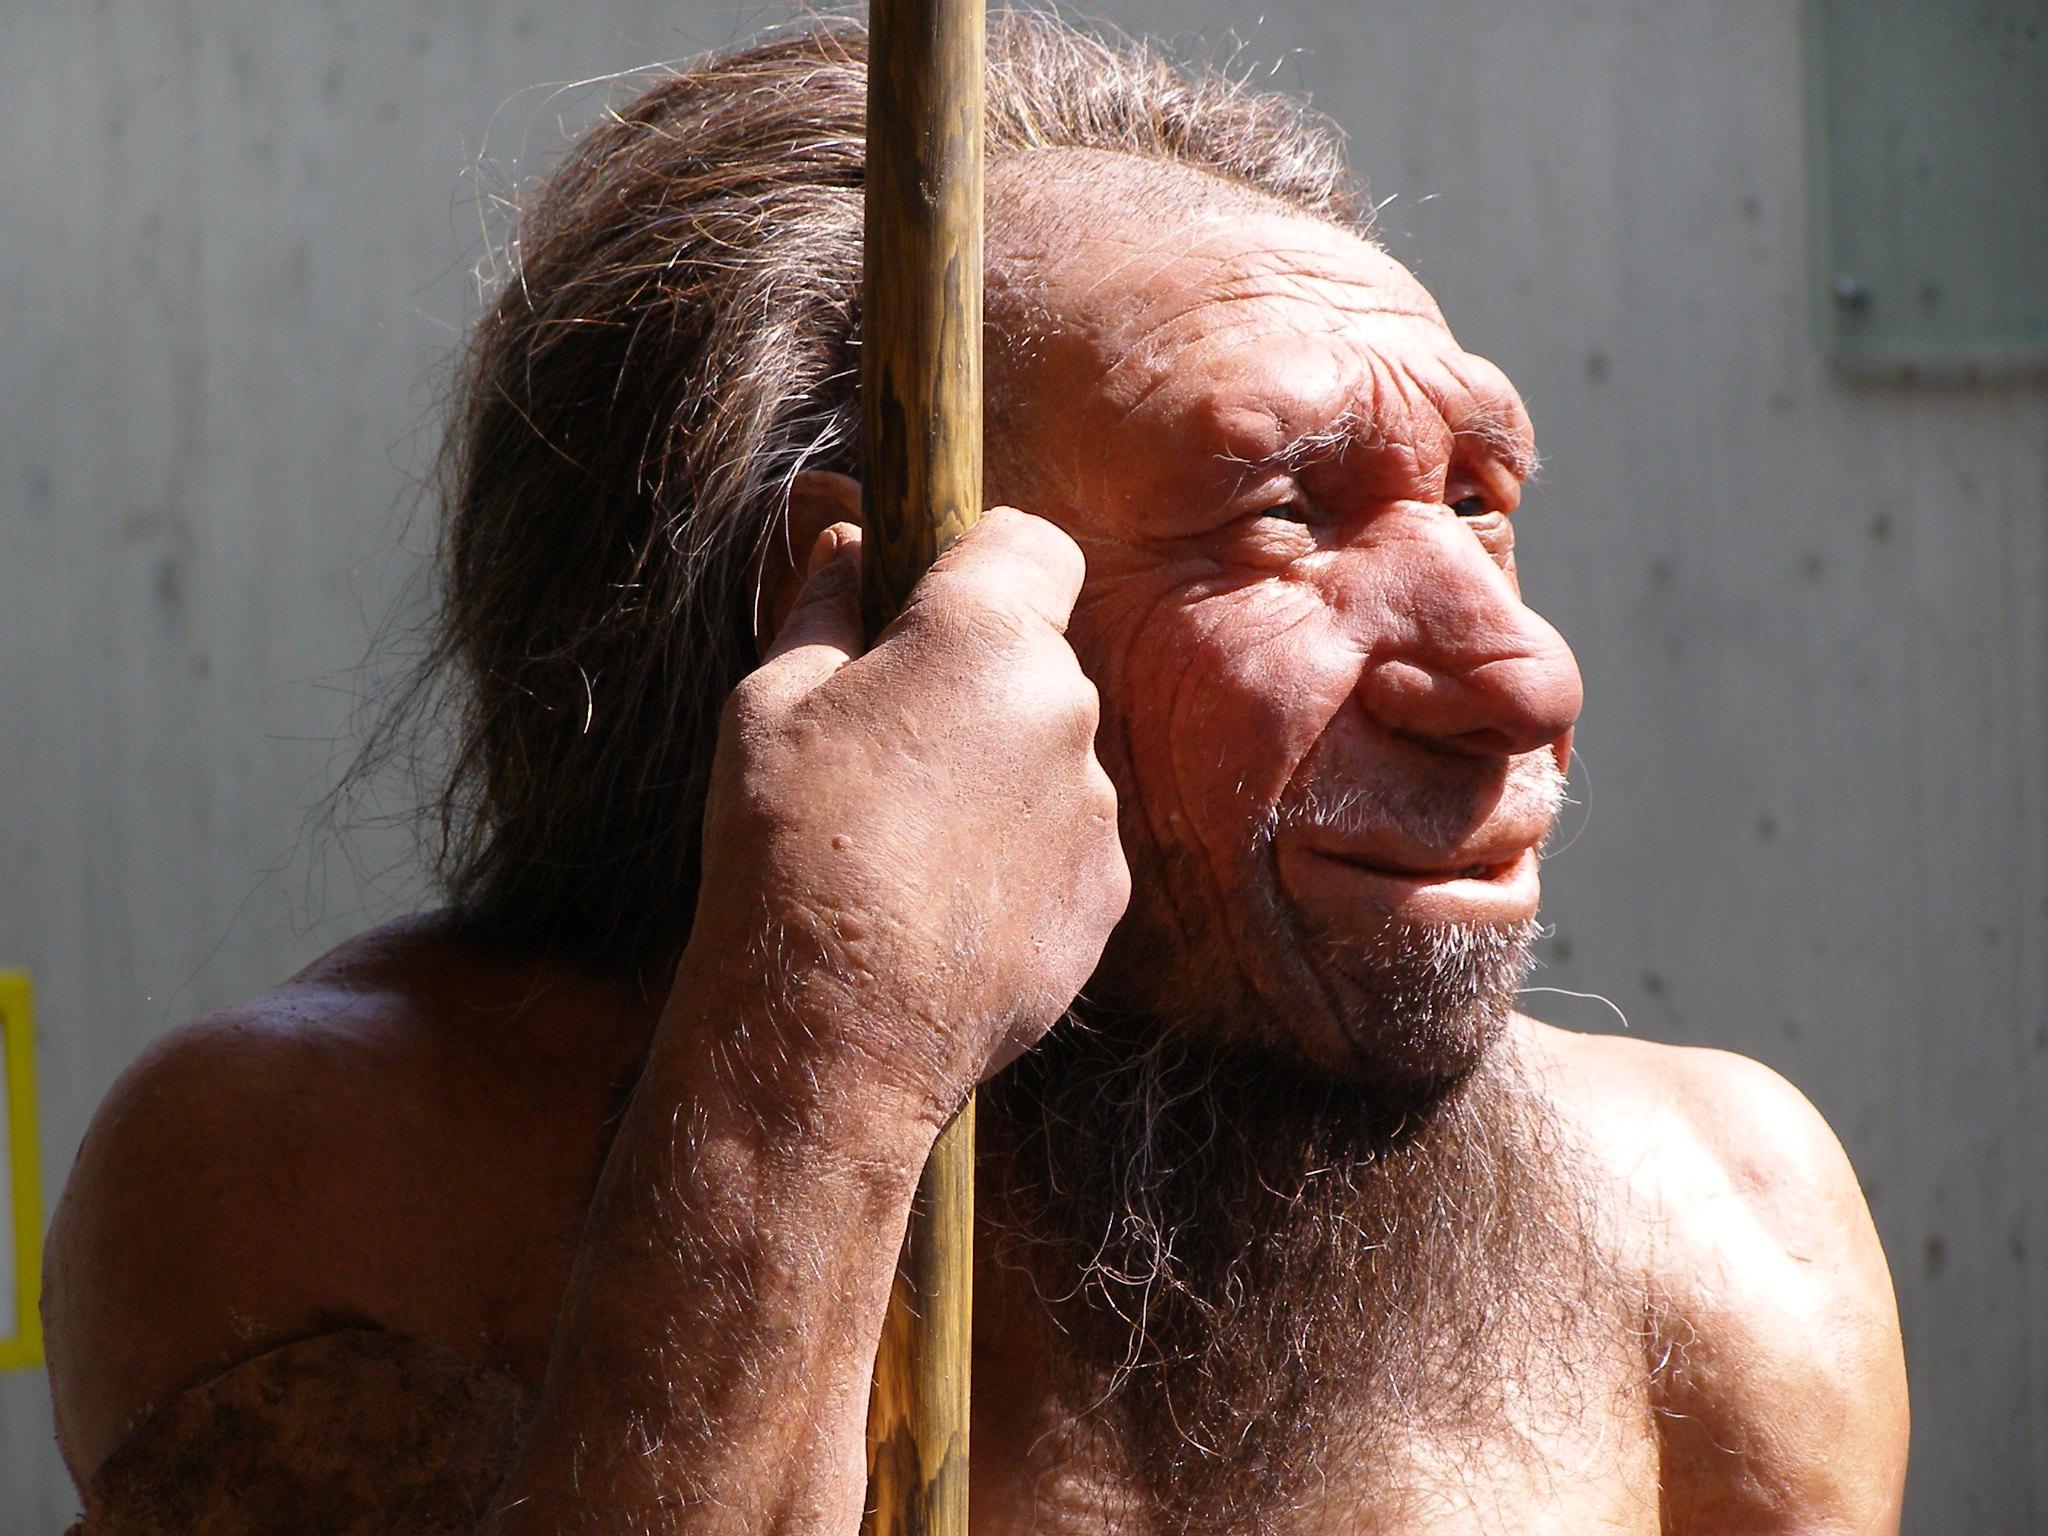 Why weren't Neanderthals autistic?